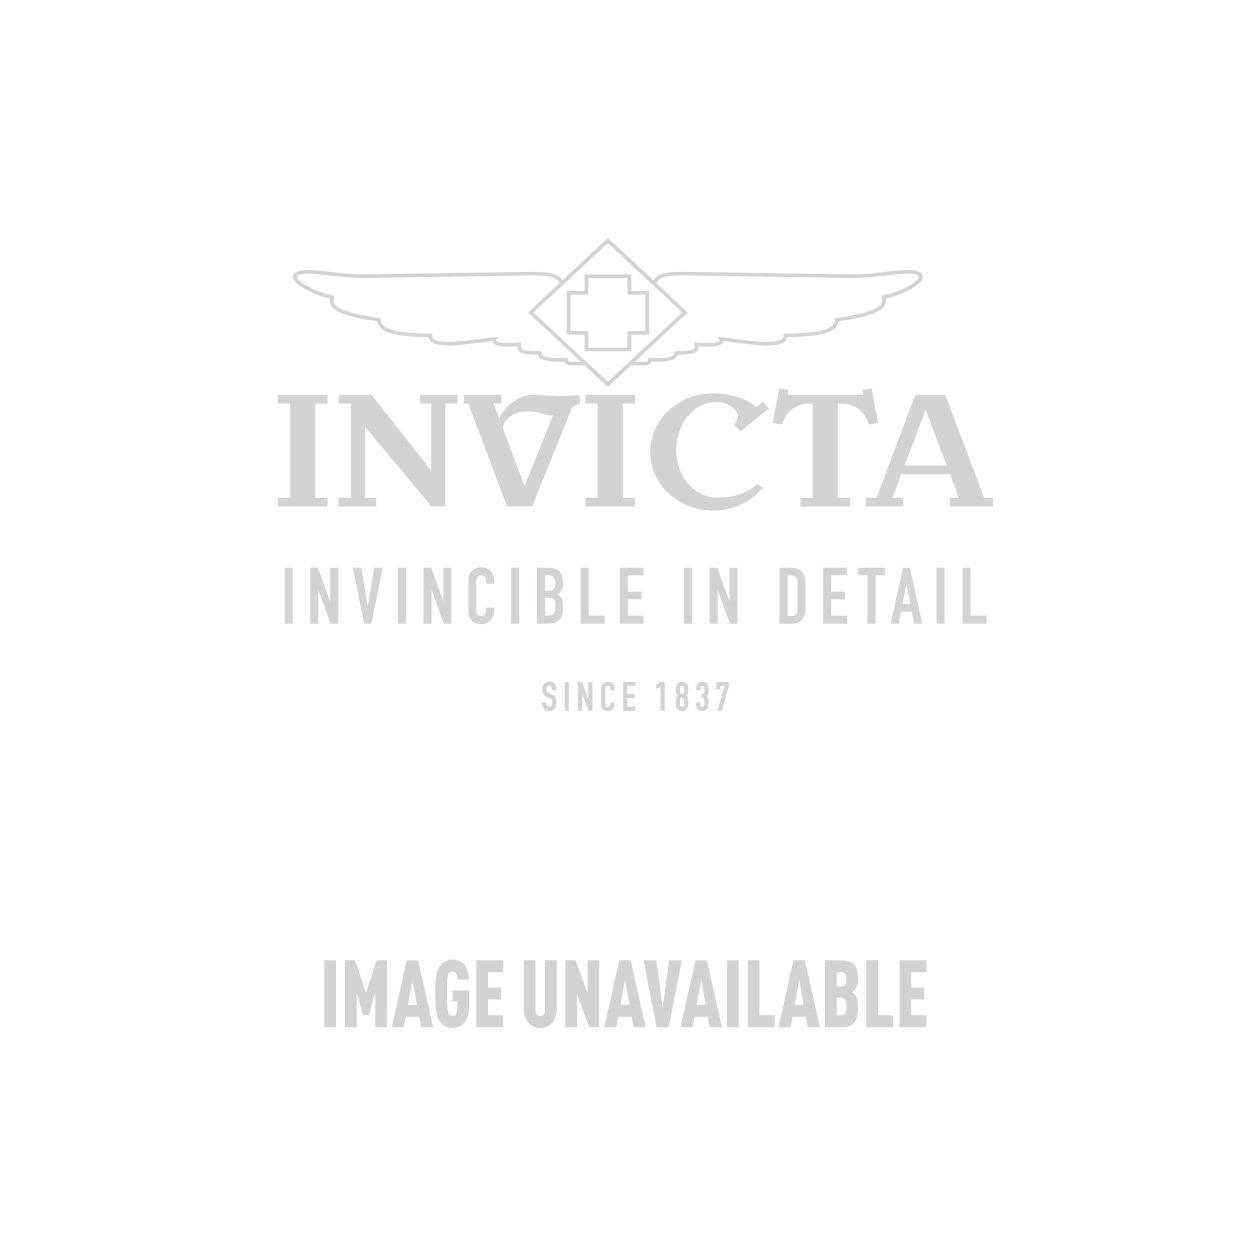 Invicta Model 26935